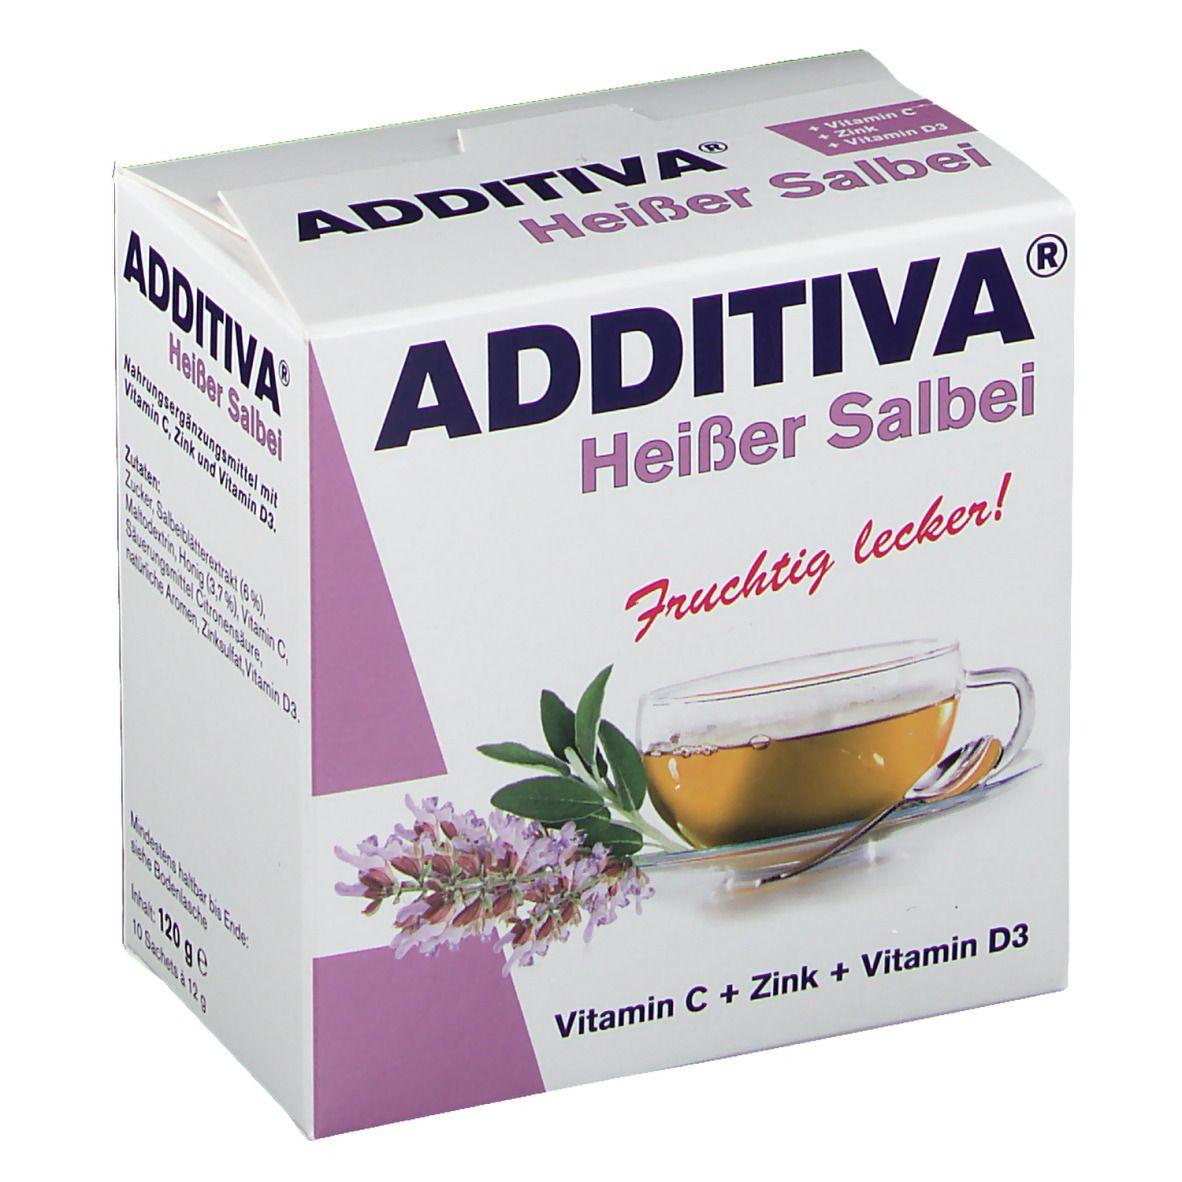 Image of ADDITIVA® Heißer Salbei